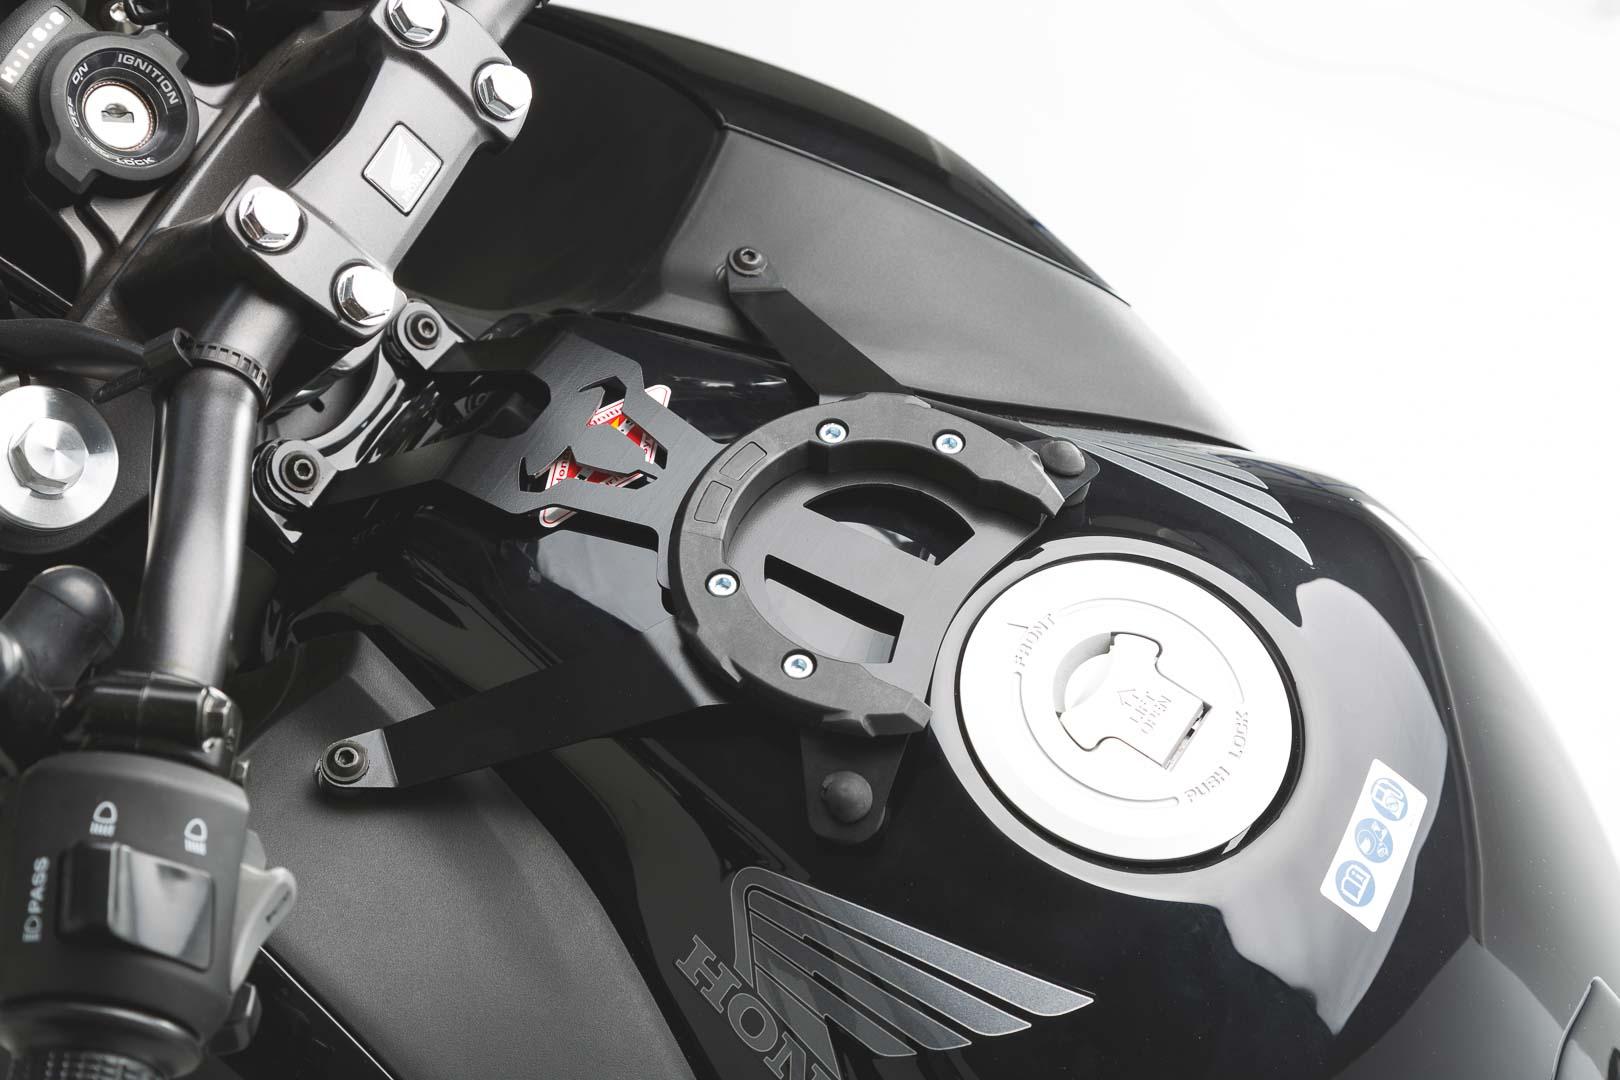 EVO tank ring. Black. Honda CB 500 F (13-16)